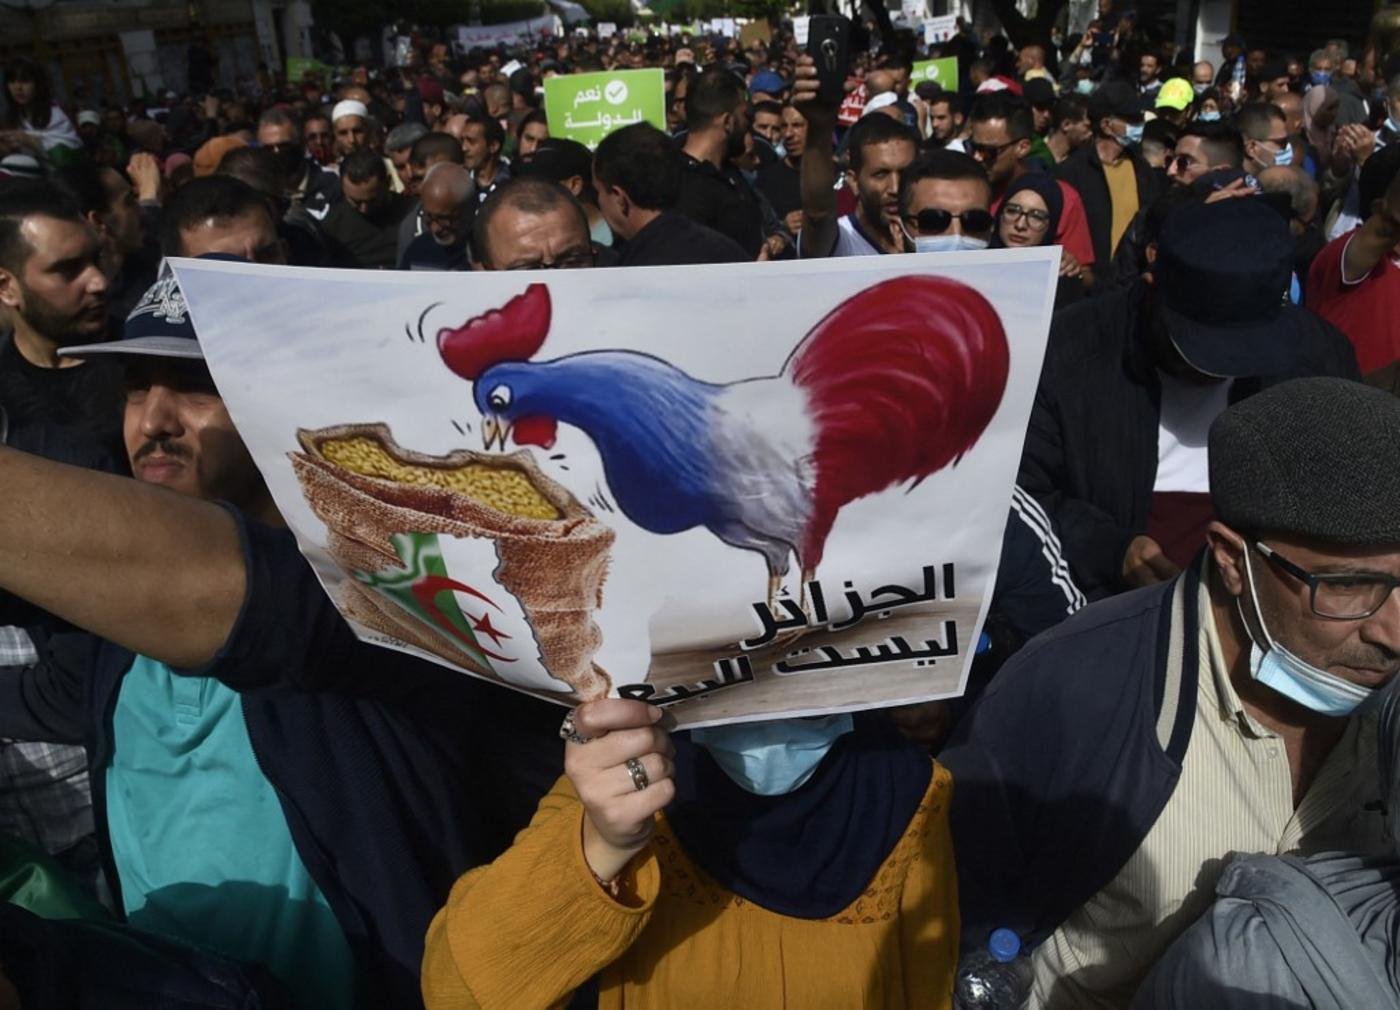 «L'Algérie n'est pas à vendre» : slogan et pancarte antifrançais lors de la manifestation du vendredi 10 avril à Alger (AFP)